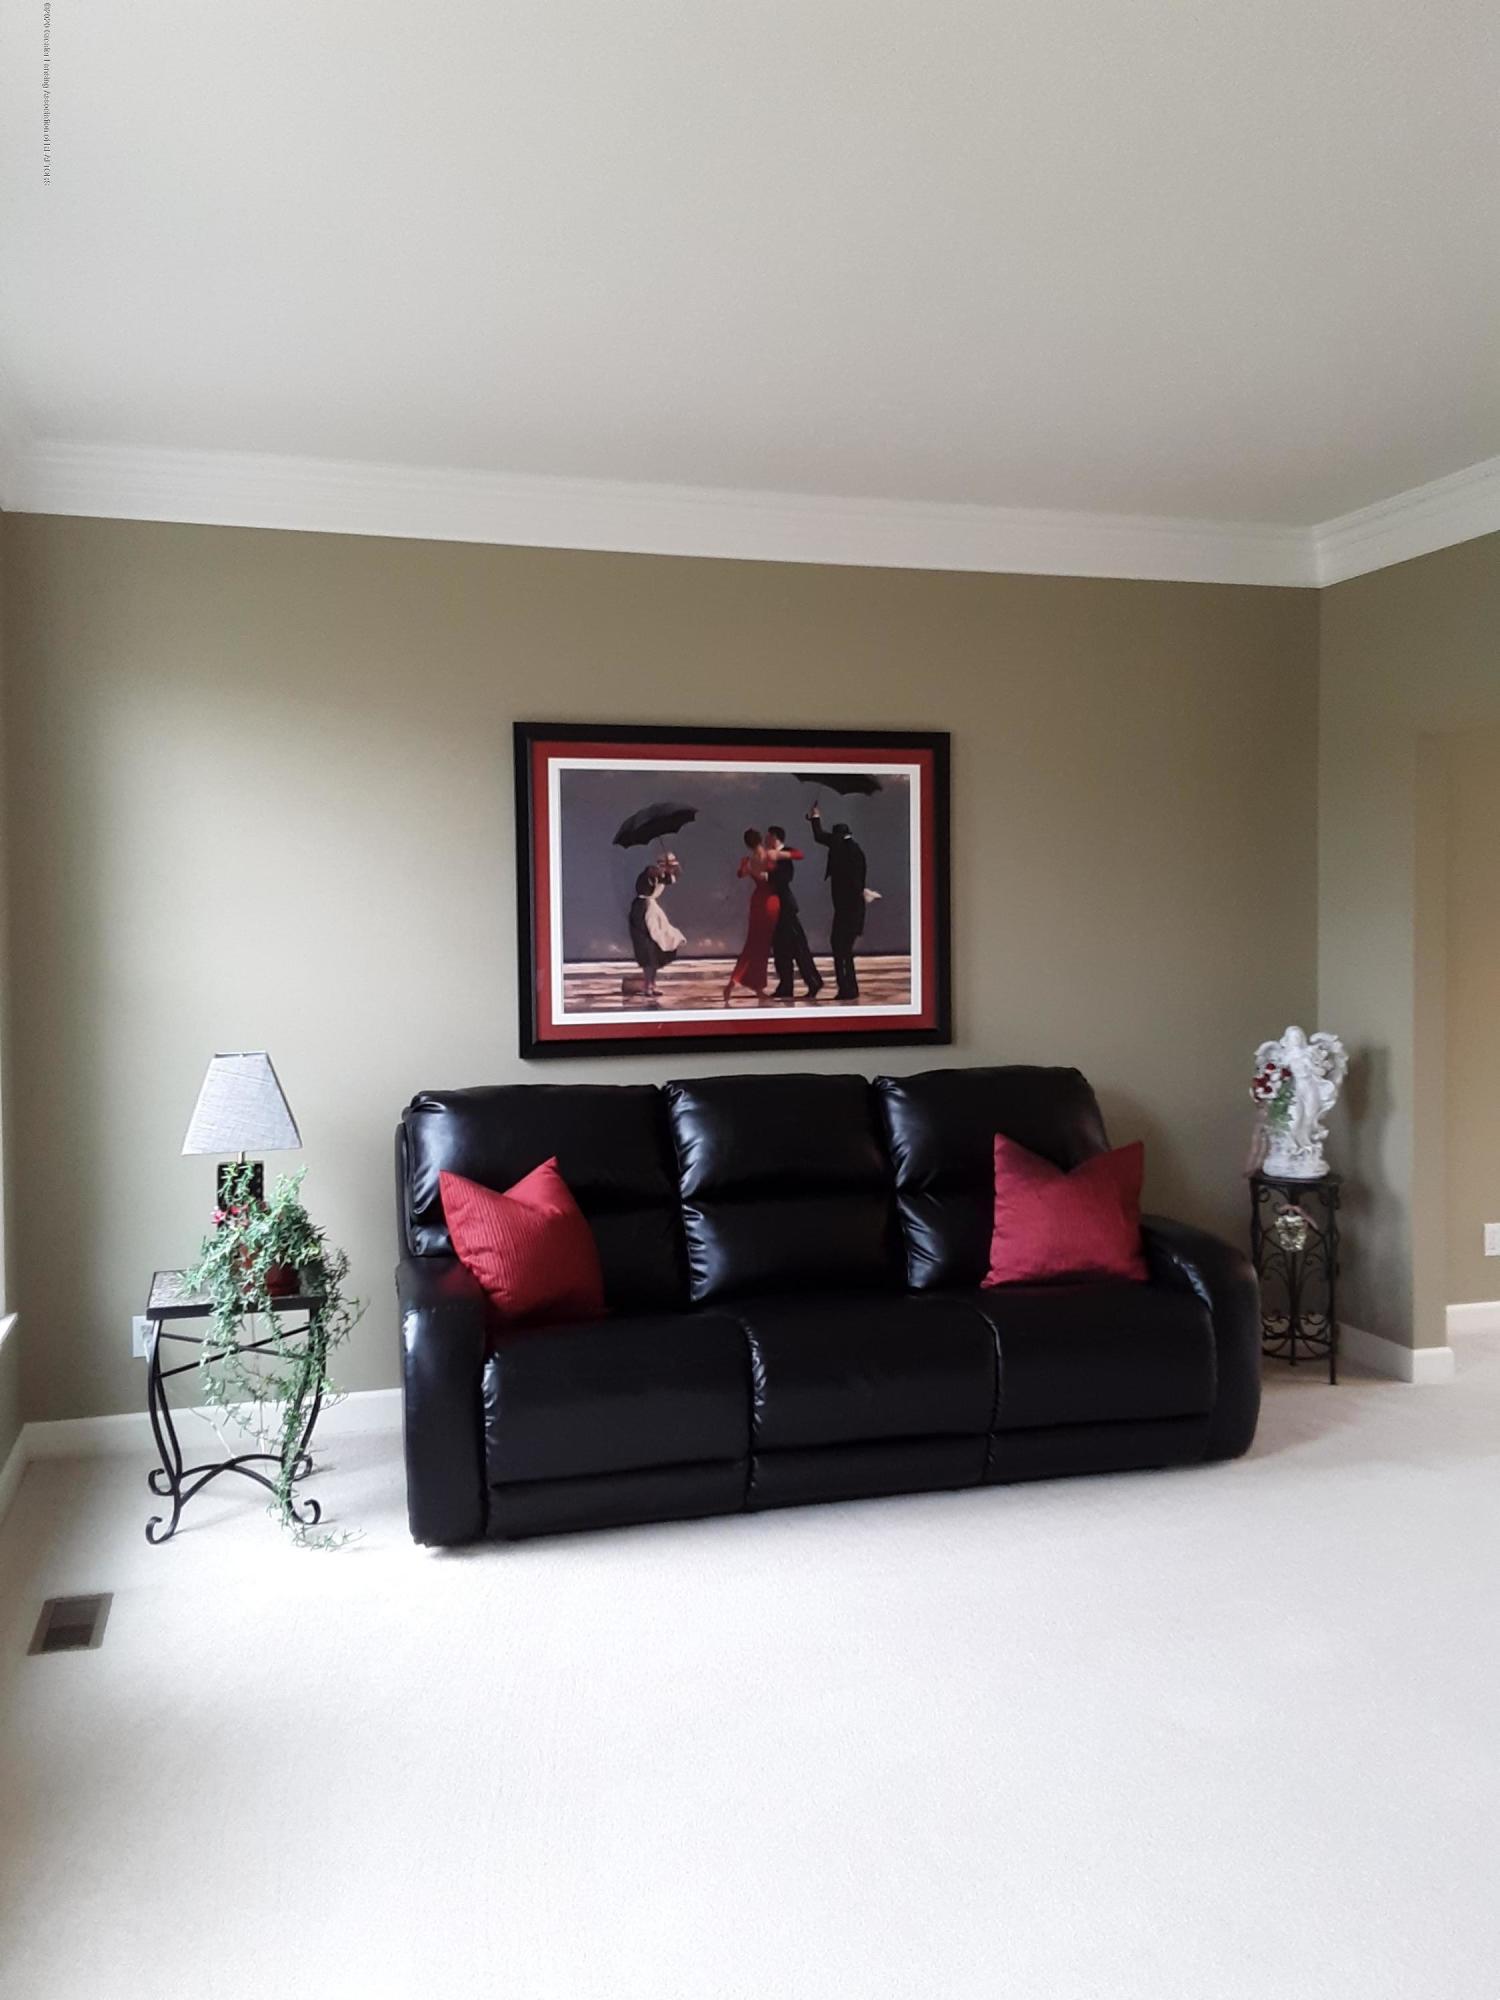 13142 Blaisdell Dr - 6. Living Room - 6